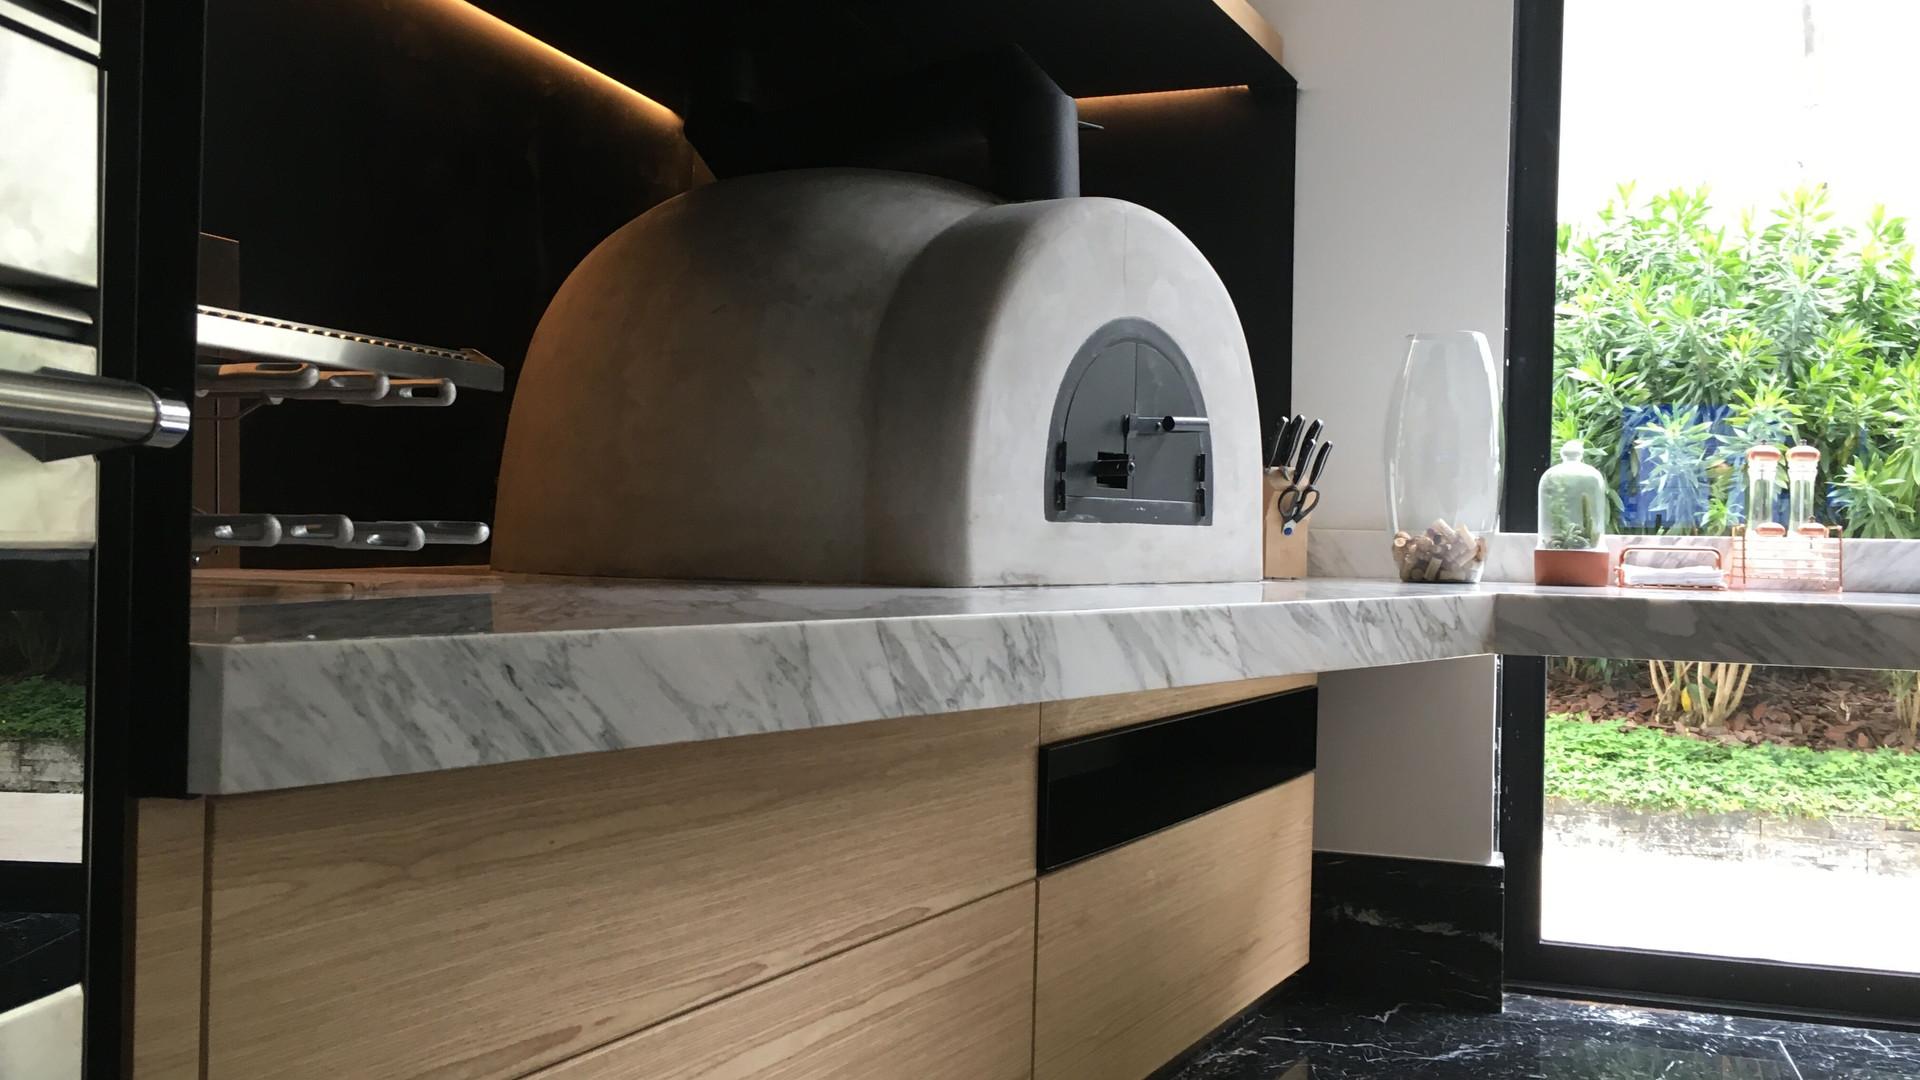 forno a lenha de marmore italiano